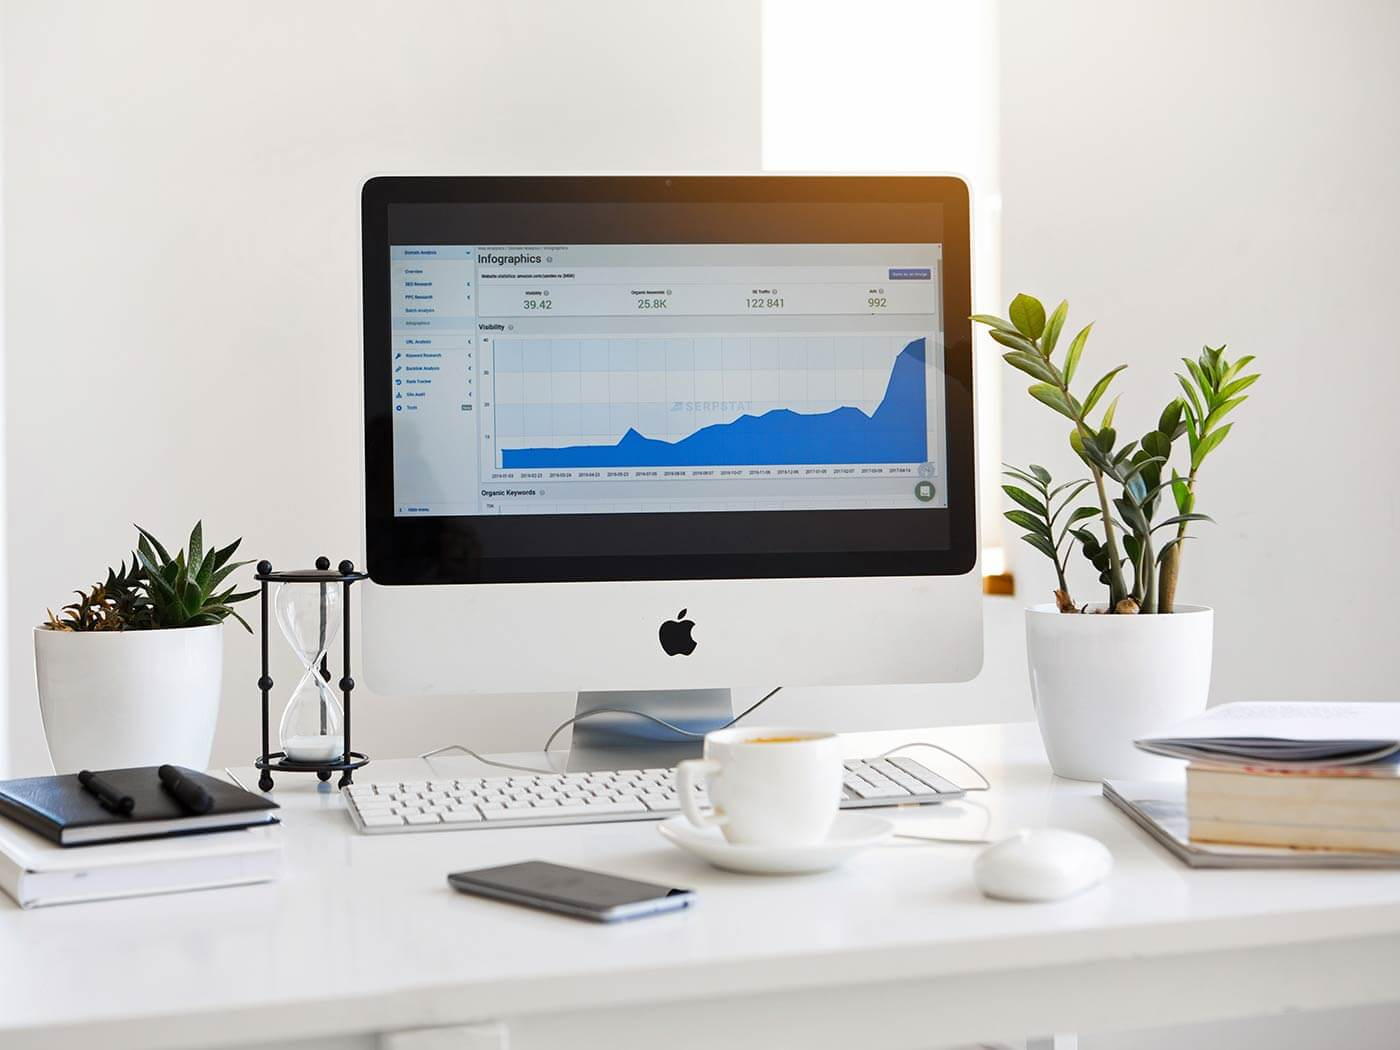 logiciel de gestion logiciels de gestion Logiciels de gestion Paie du personnel, Comptabilité, Gestion Commerciale related service 4